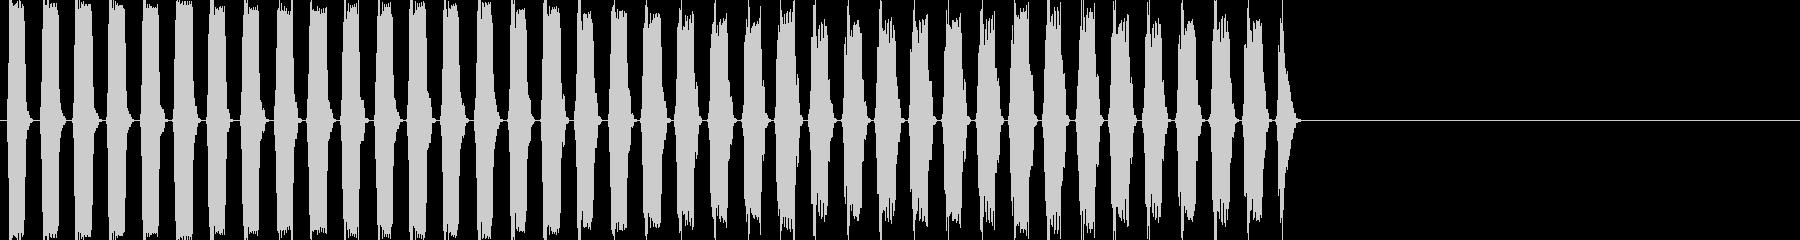 80年代のファミコンのような効果音の未再生の波形